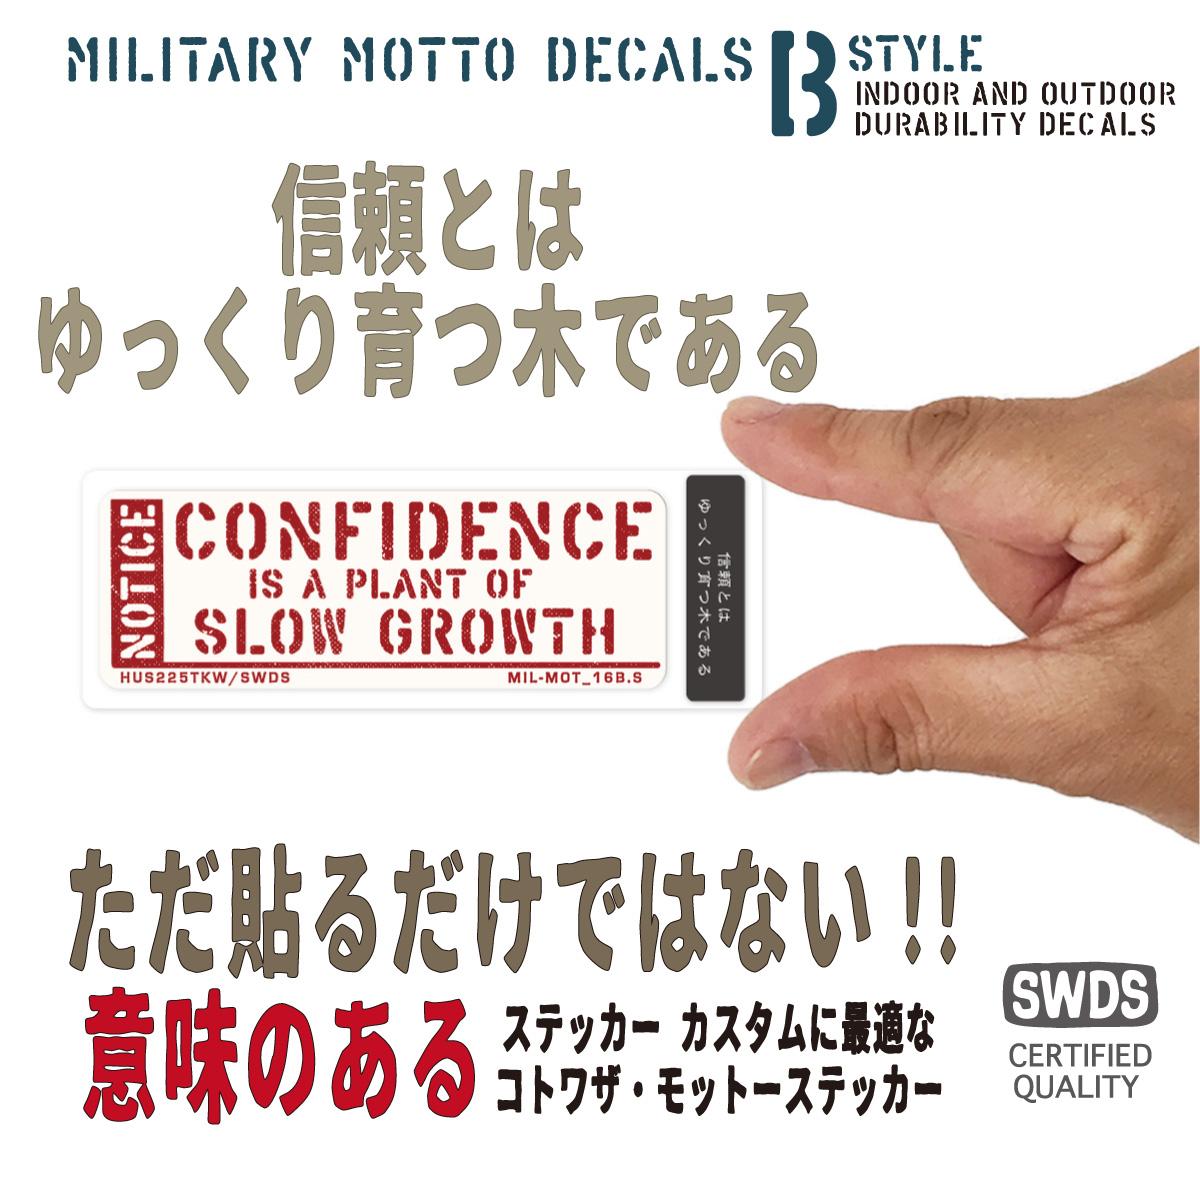 MIL-MOTB-S-016S